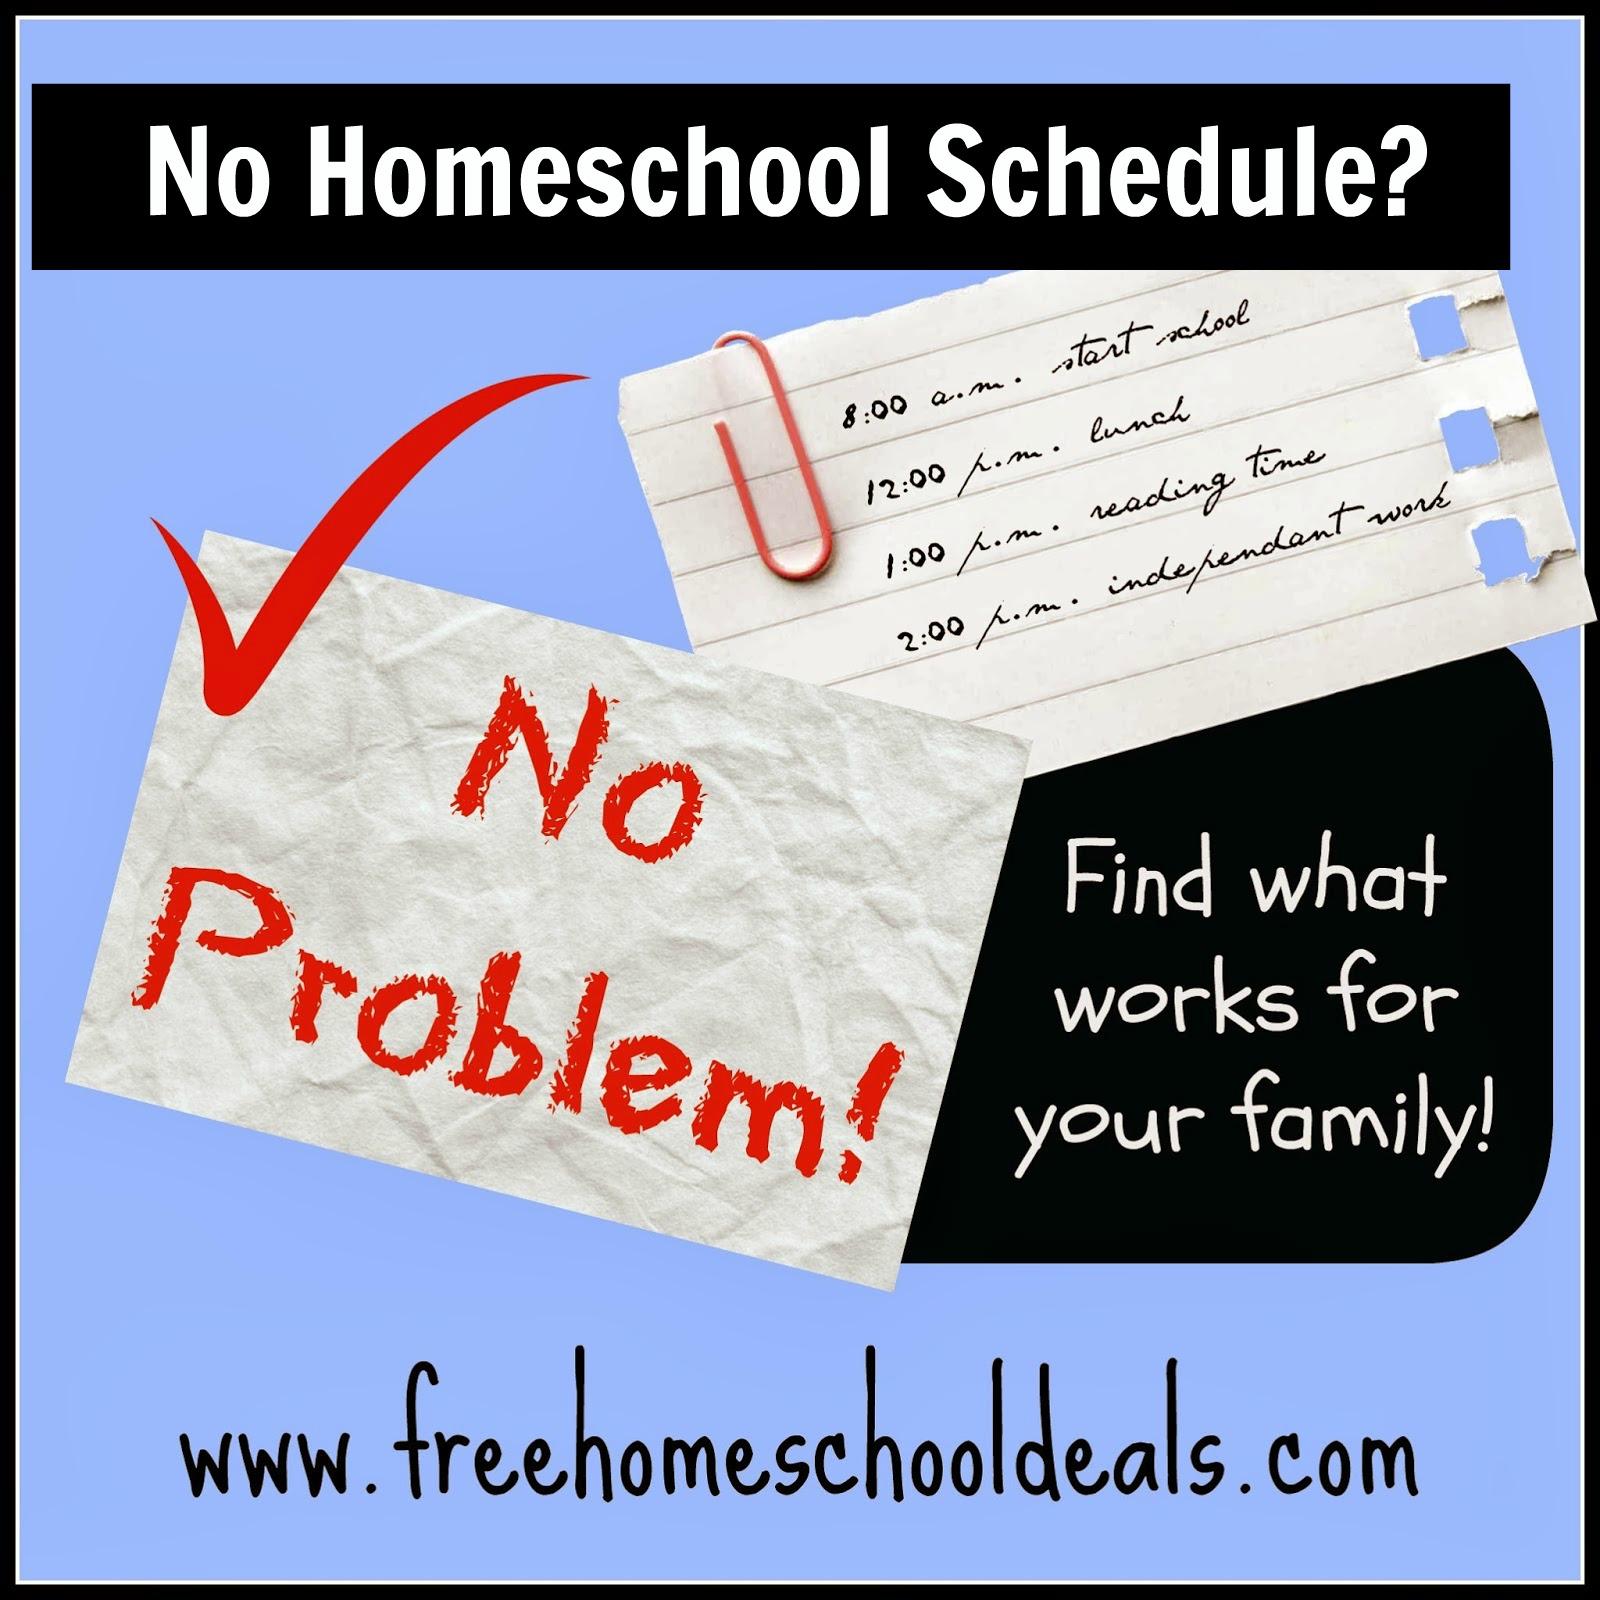 no homeschool schedule